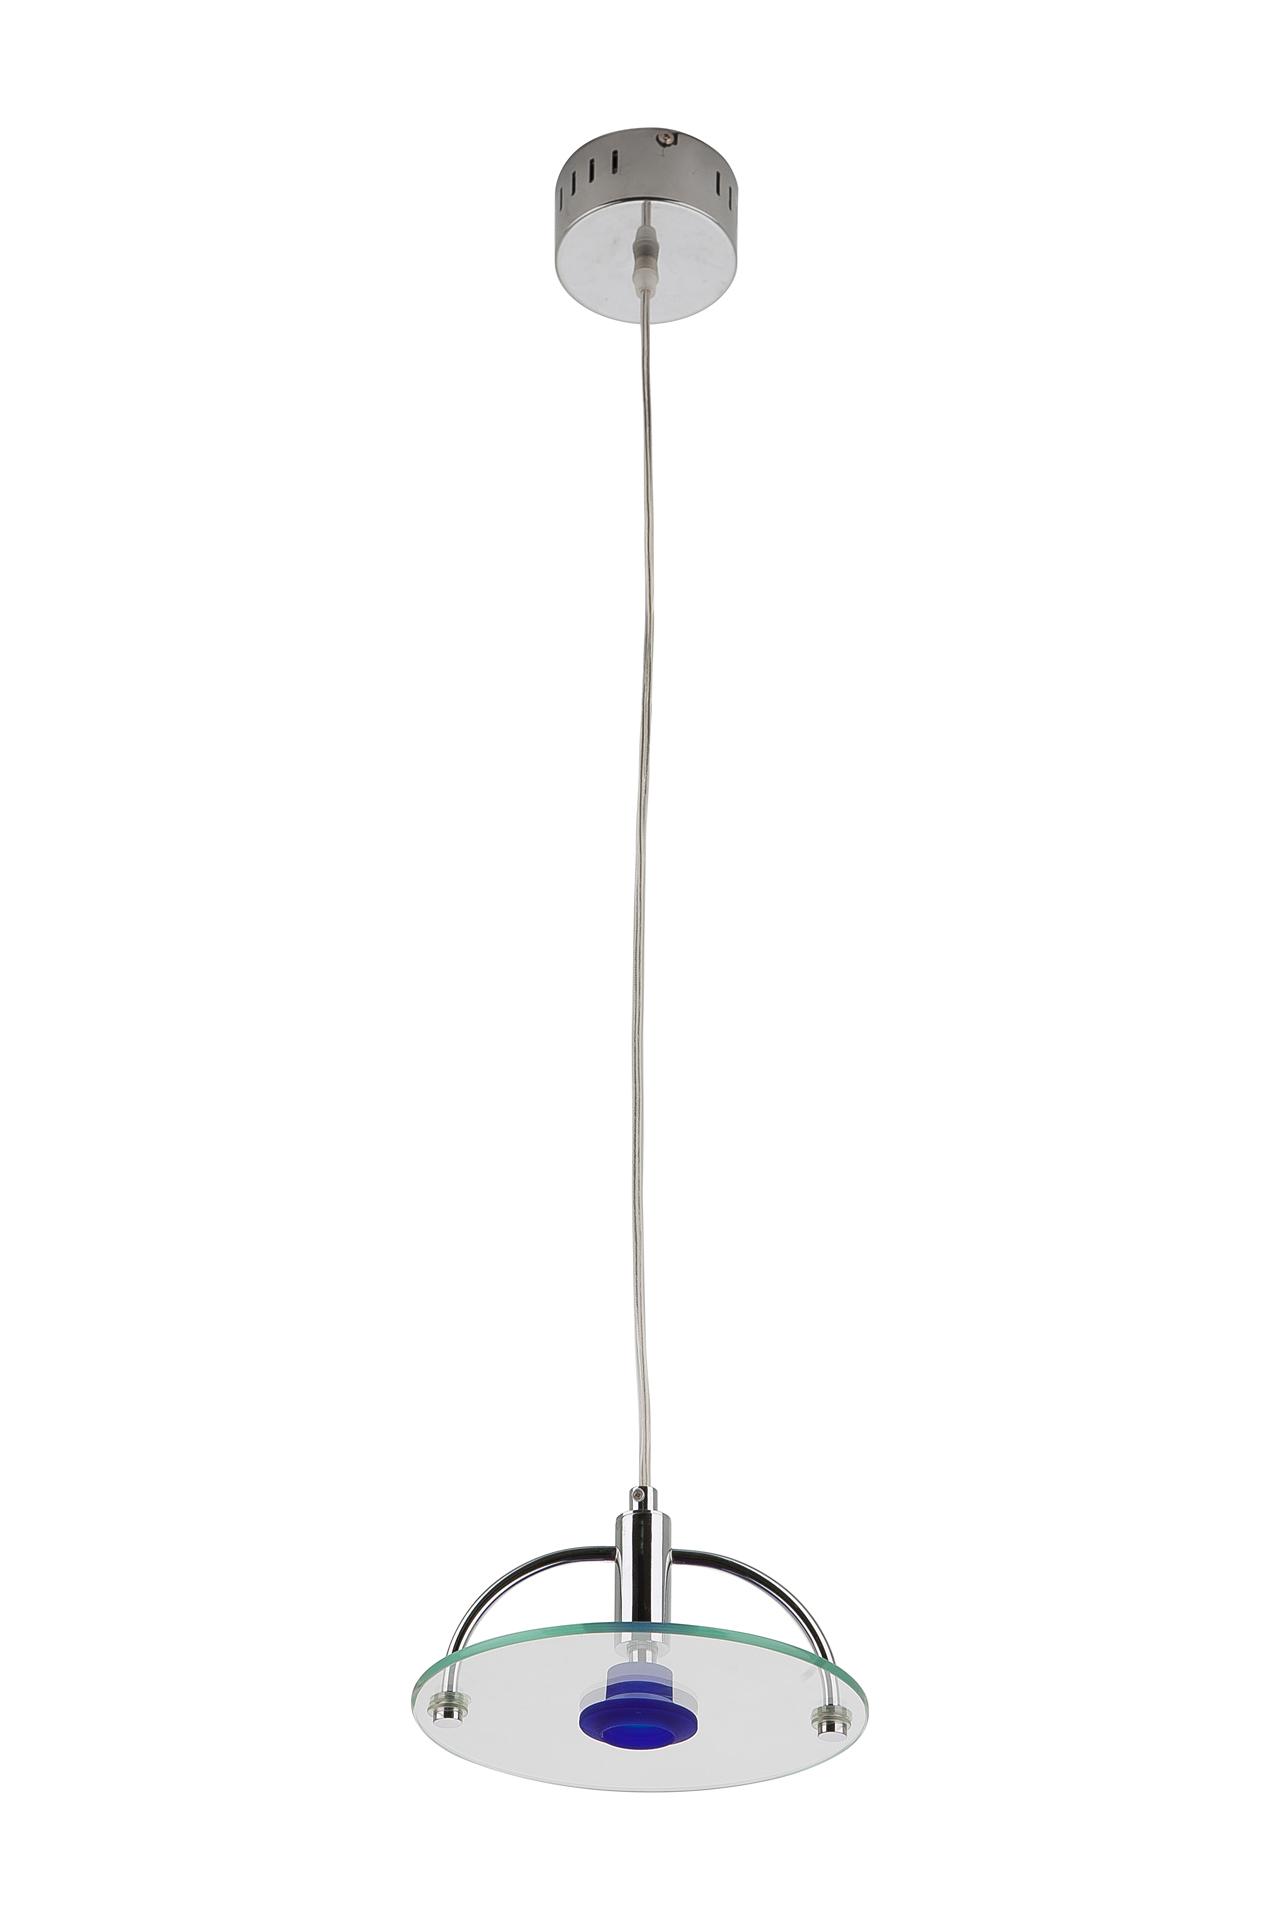 {} CRYSTAL LIGHT Подвесной светильник Umay (20 см)